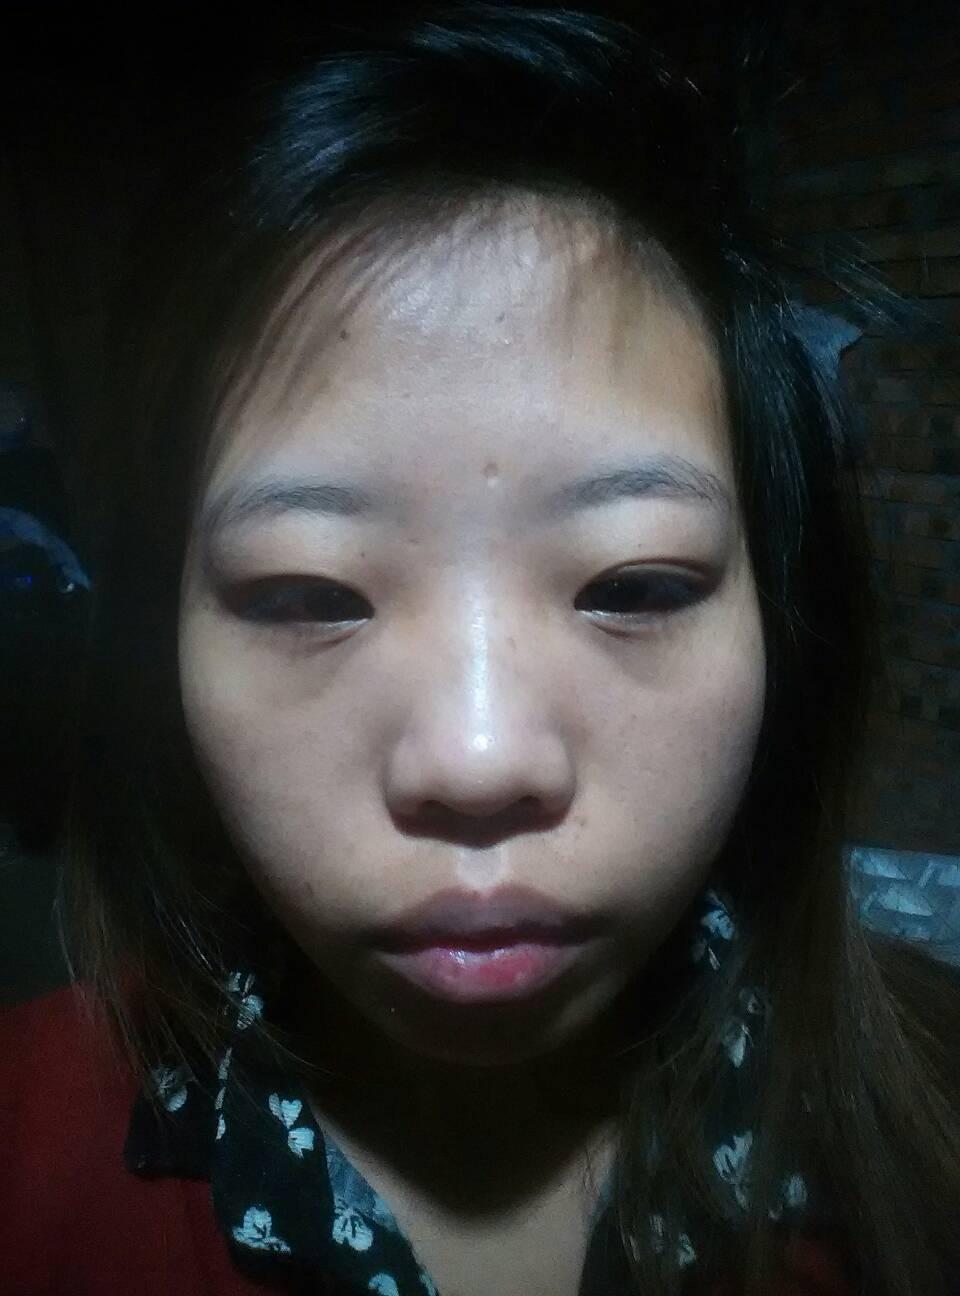 肿眼泡怎么做双眼皮效果好?那么丑的,都需要哪些改变呢,唉!